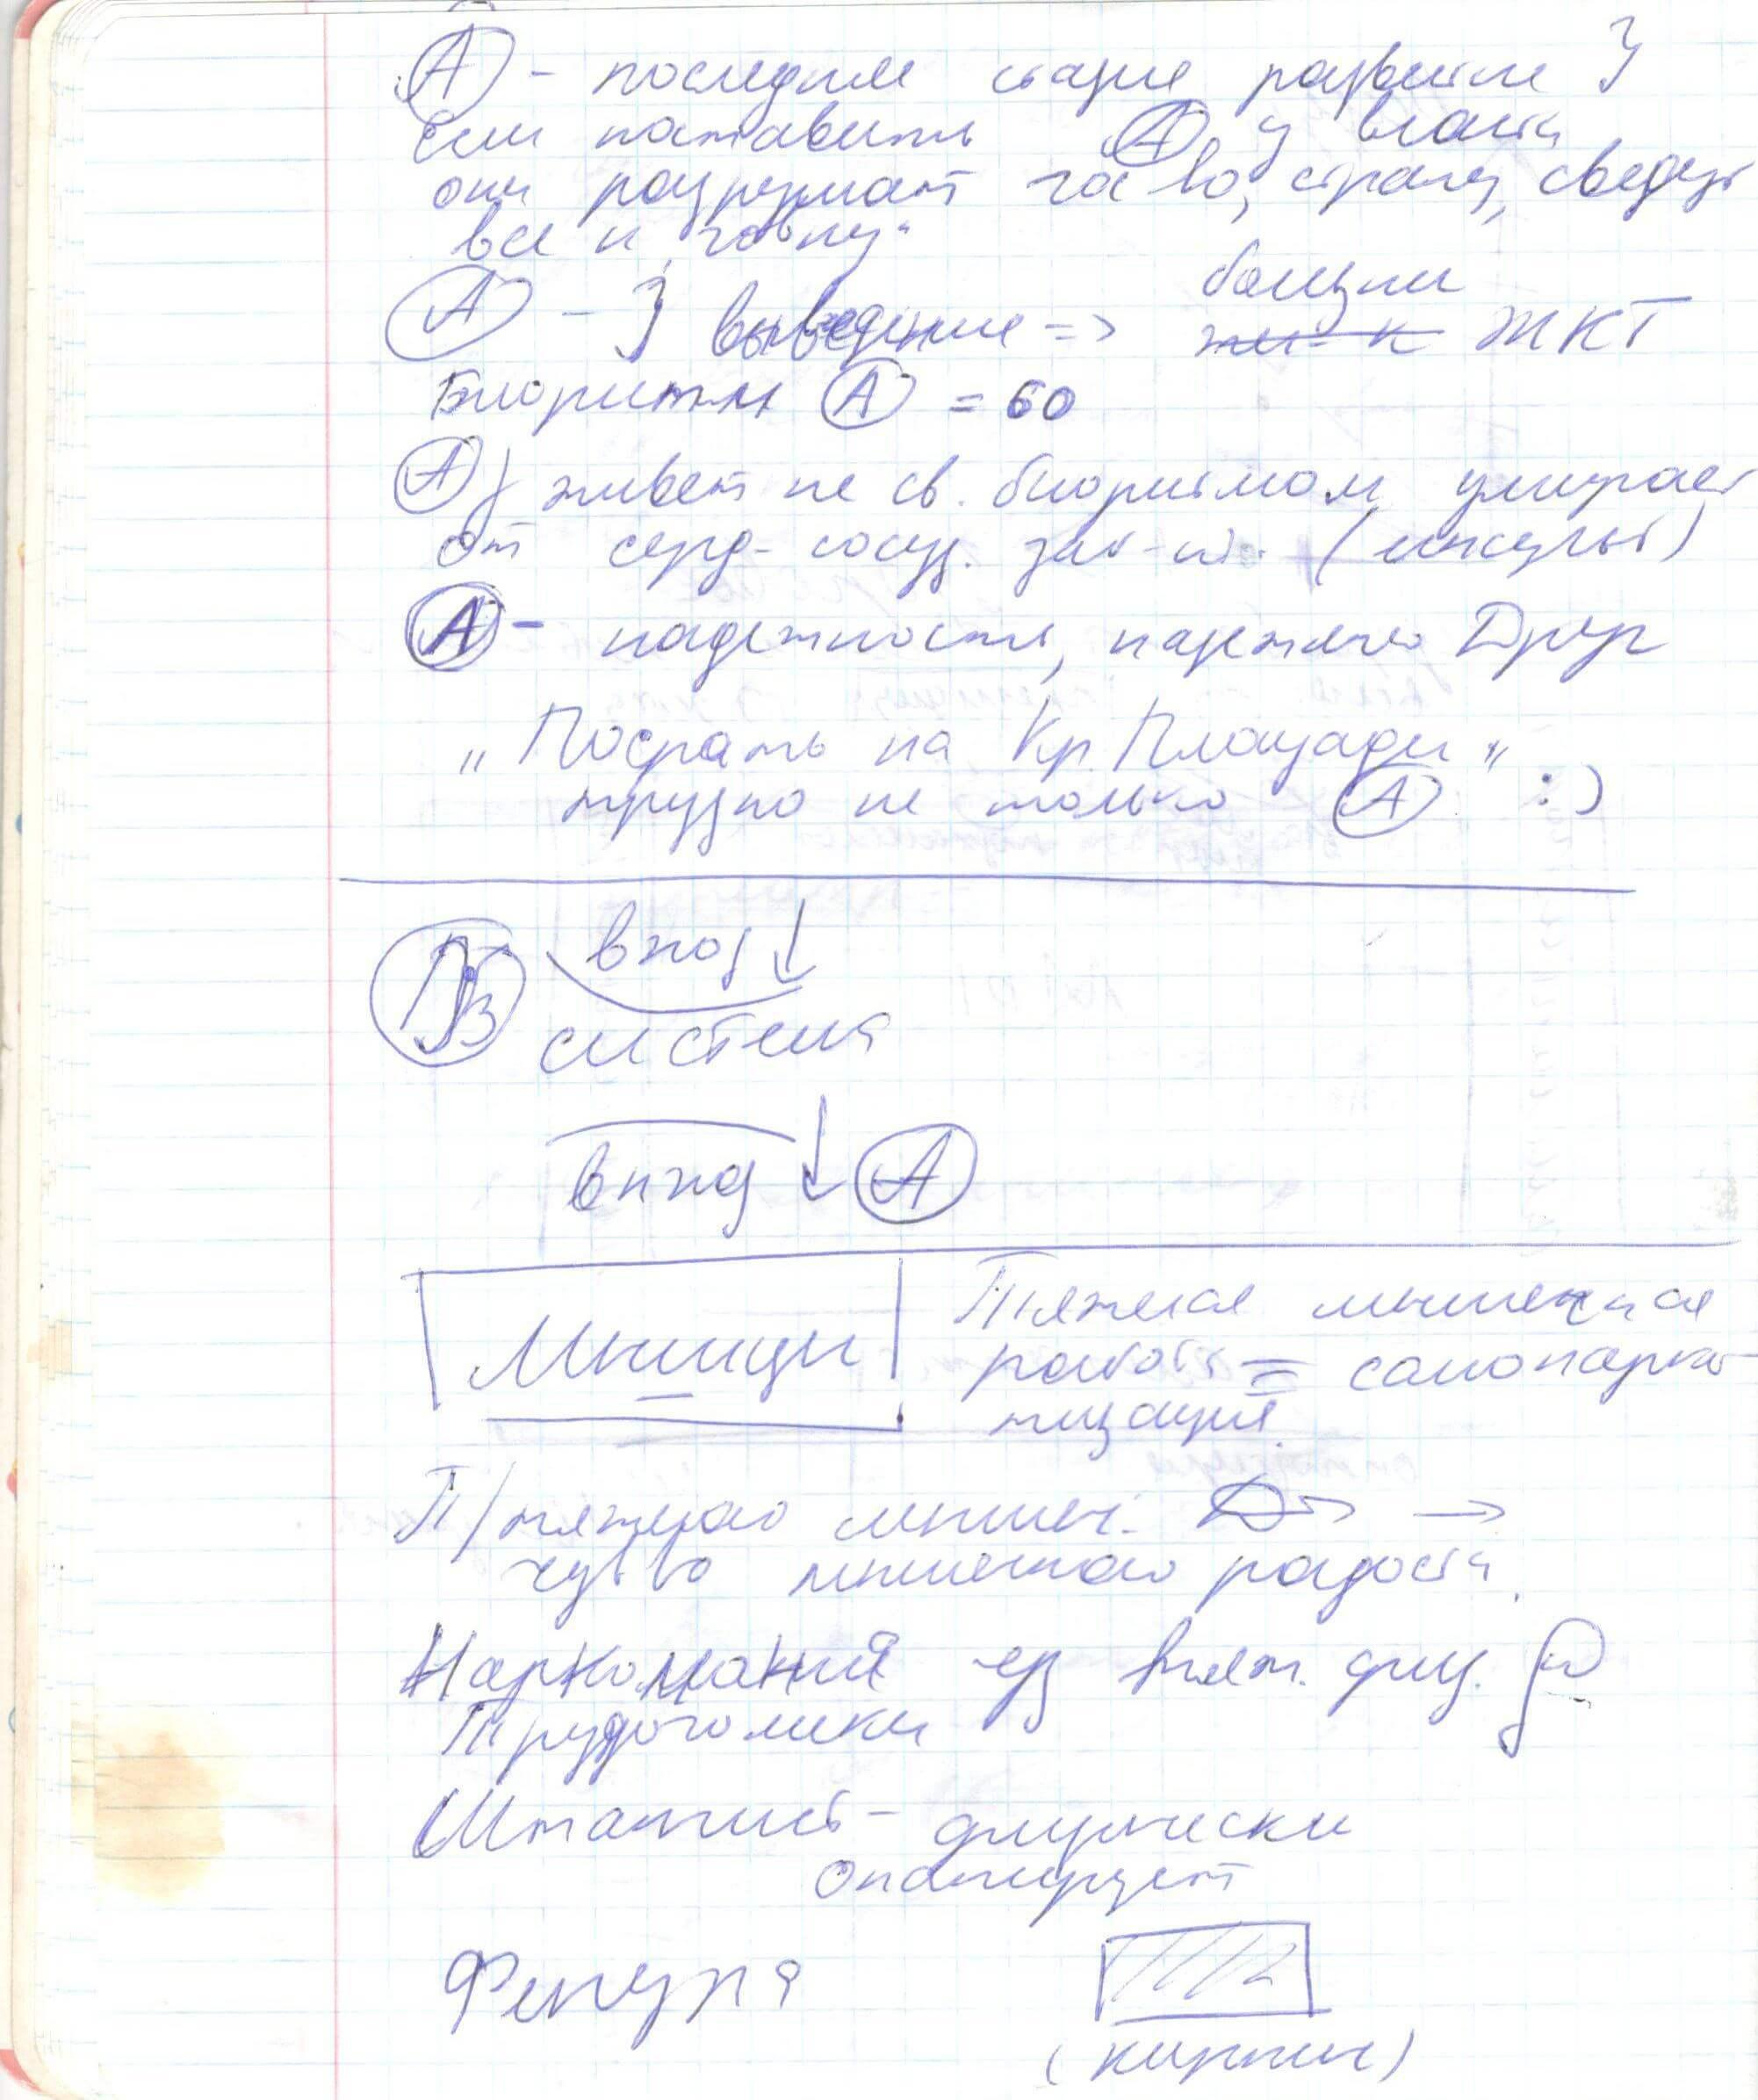 Конспекты ВиктОра Толкачева: Мышечный вектор